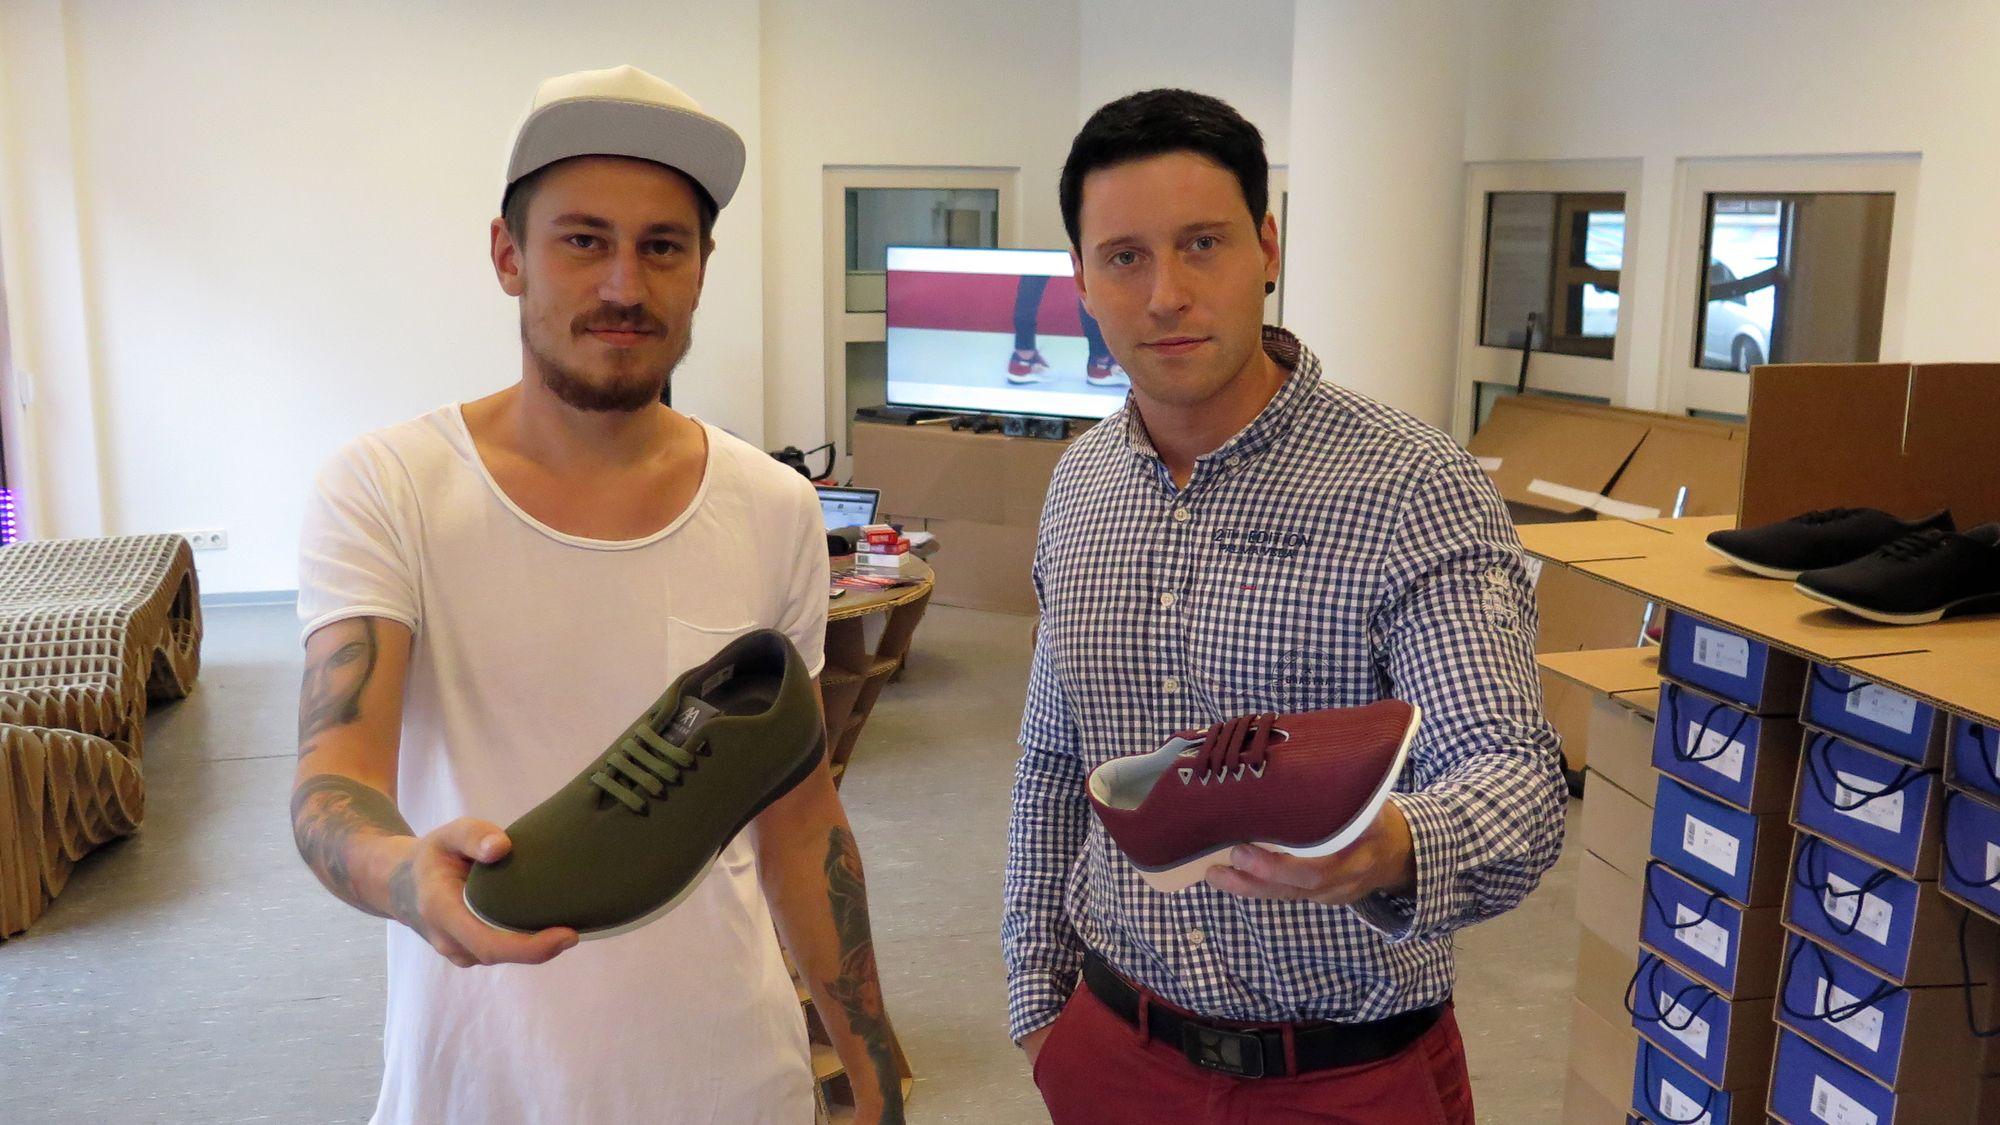 Aufpoppende Schuhe